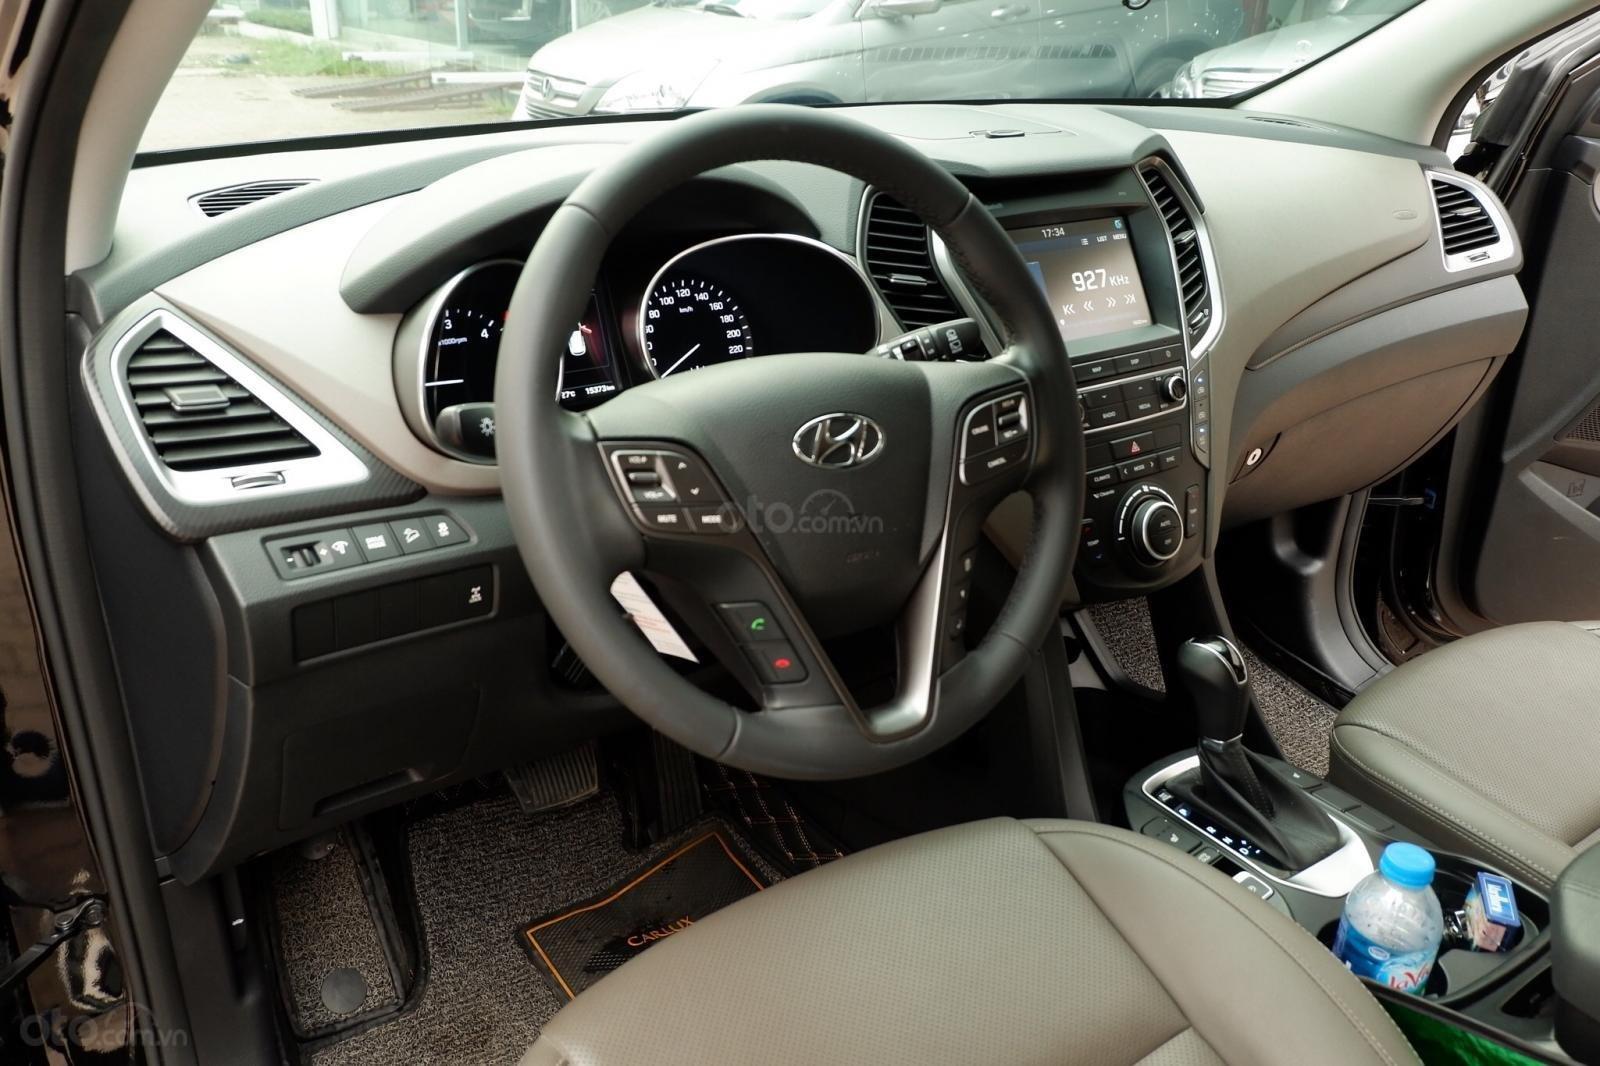 Bán ô tô Hyundai Santa Fe 2.2 CRDi Full năm 2018, màu đen-7